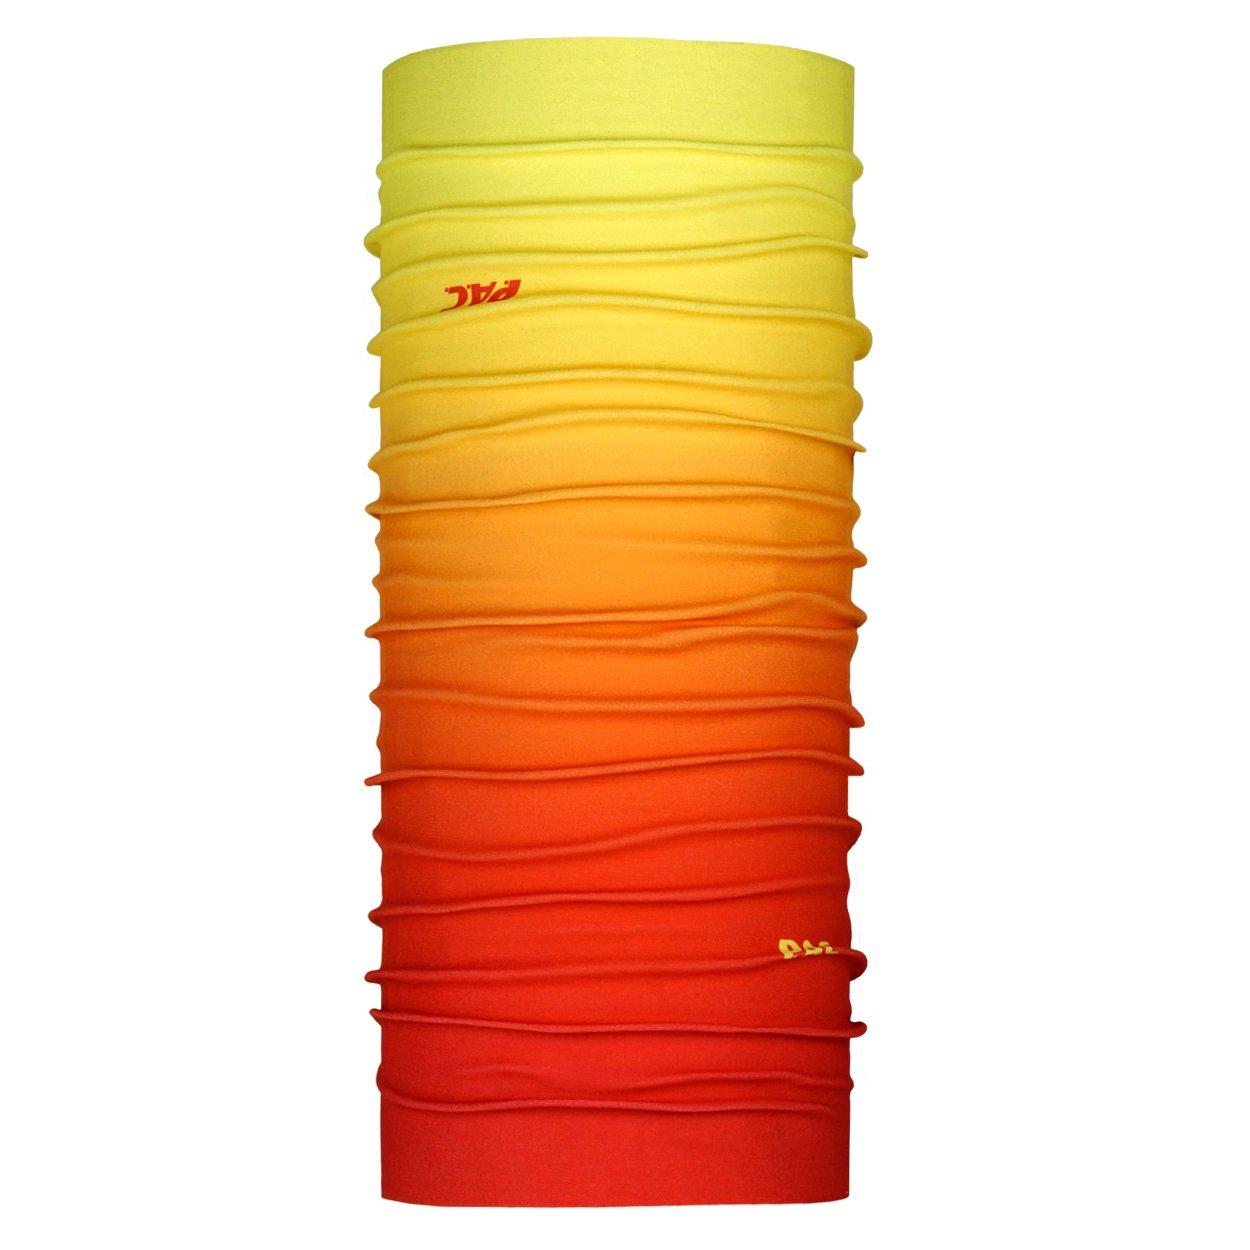 UV Protector 10 Anwendungsm/öglichkeiten CellTech Beat Multifunktionstuch Unisex P.A.C UV-Schutz Halstuch nahtloses Mikrofaser Schlauchtuch